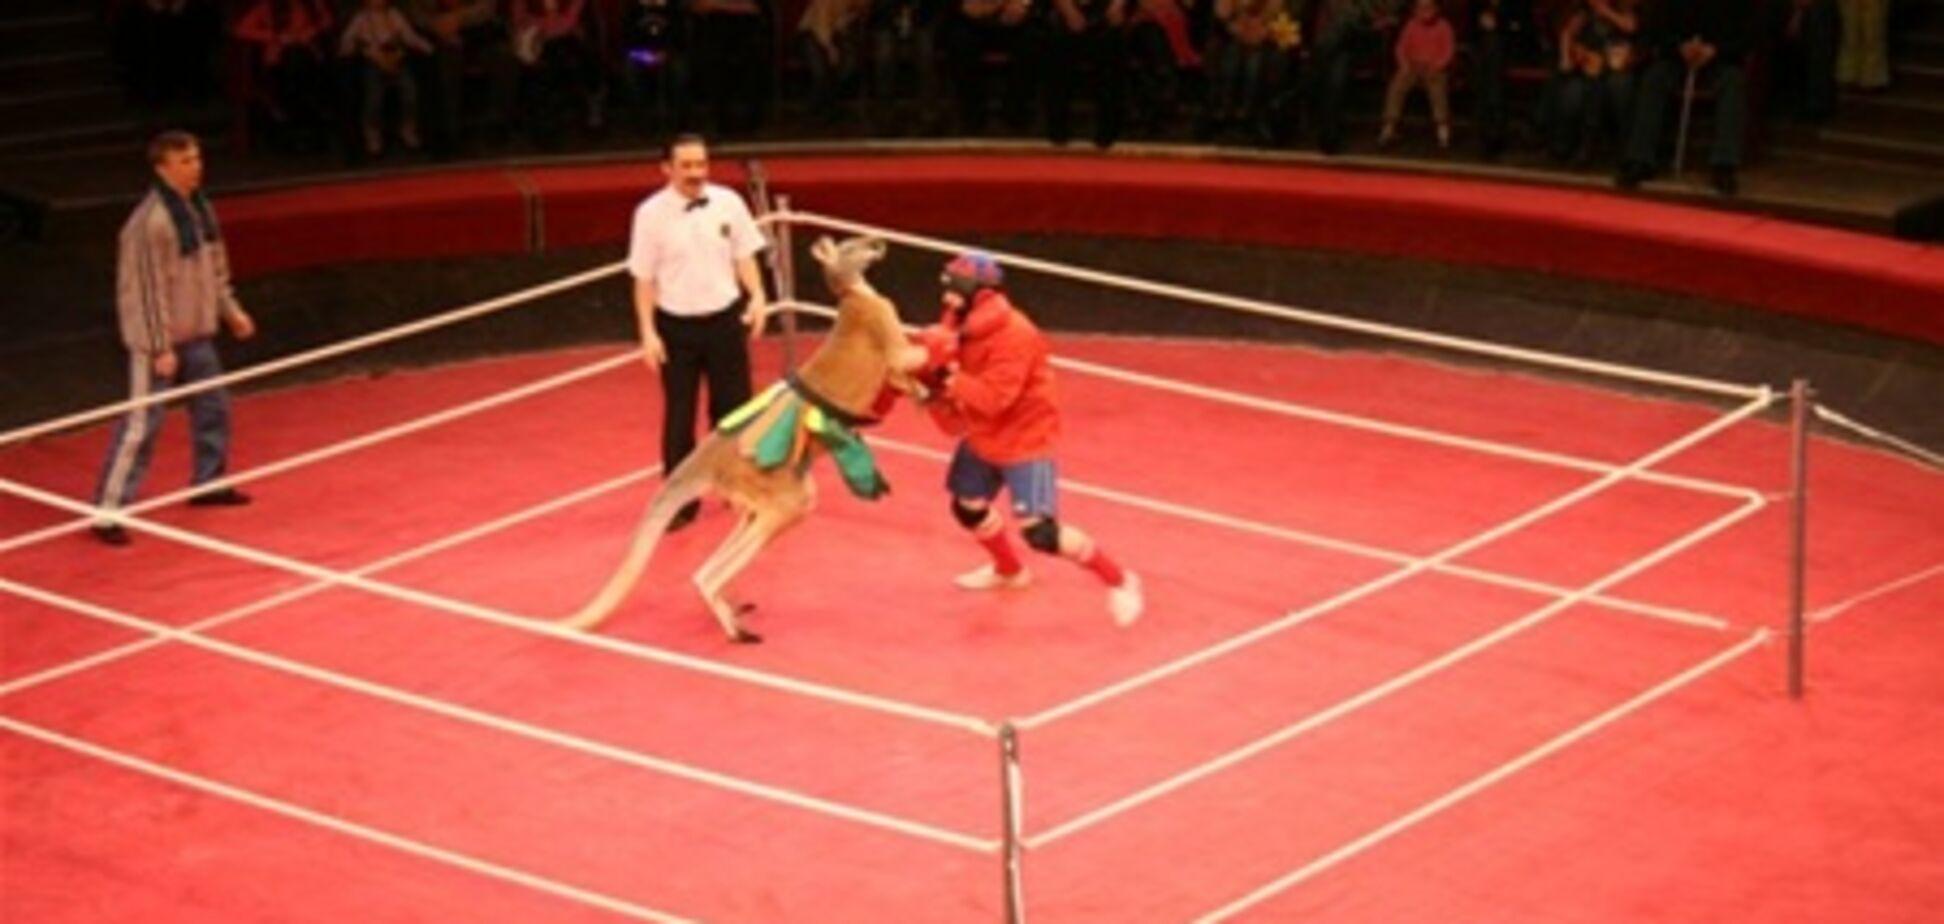 Австралійський кенгуру переміг одразу трьох російських боксерів. Відео